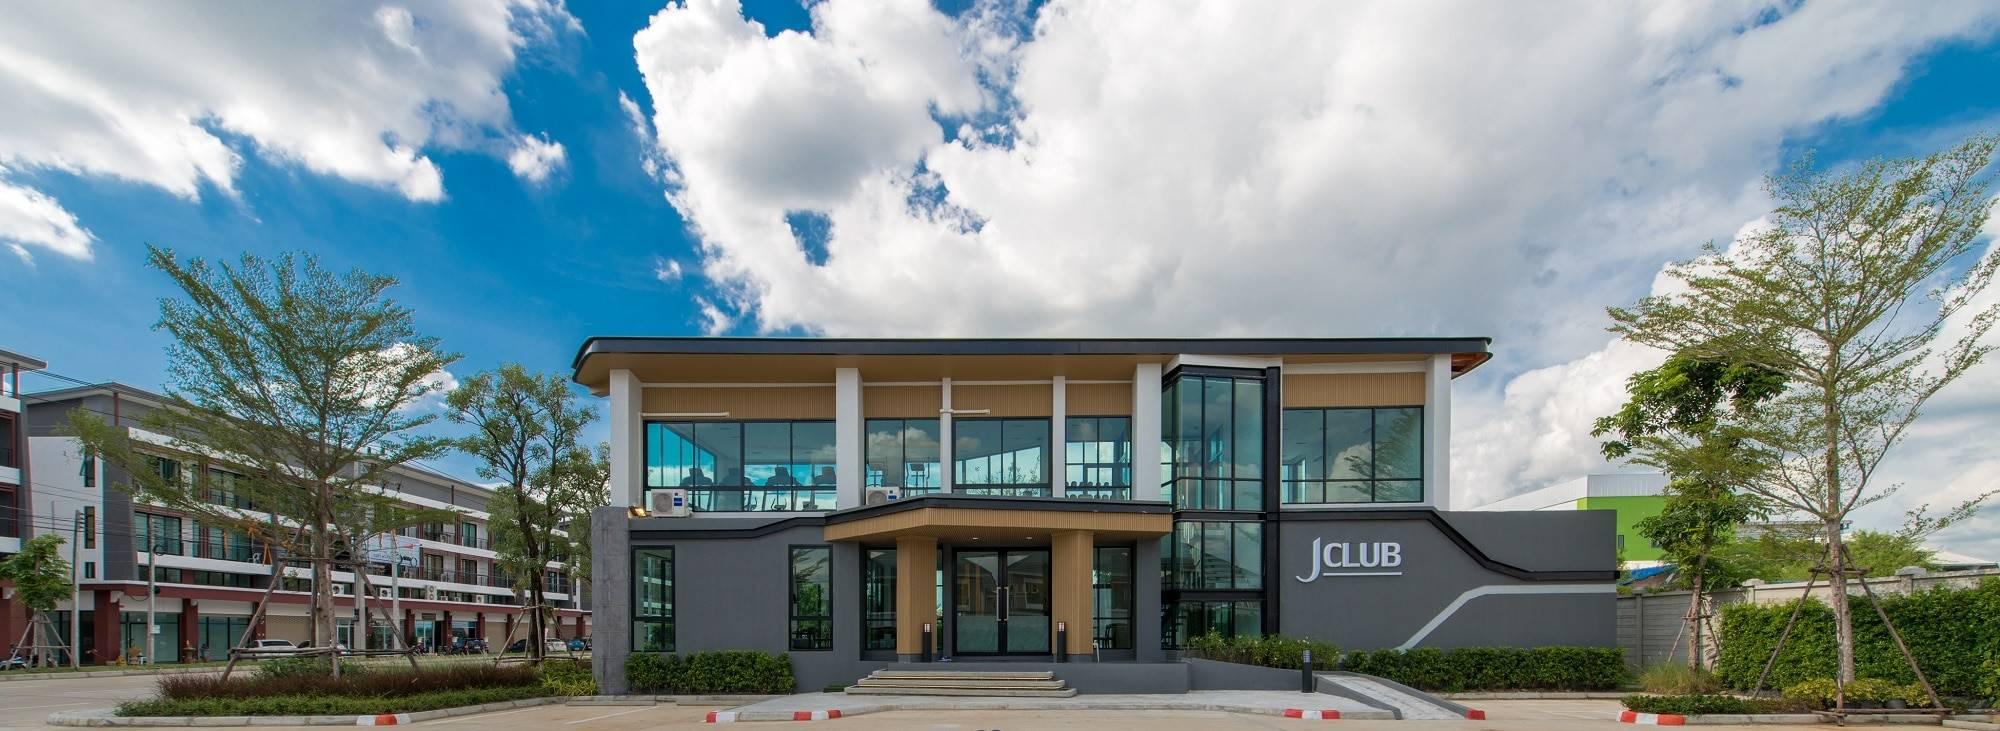 JSPผ่าตัดโครงสร้างองค์กรจ่อรีแบรนด์สร้างภาพลักษณ์ใหม่   Prop2Morrow บ้าน คอนโด ข่าวอสังหาฯ